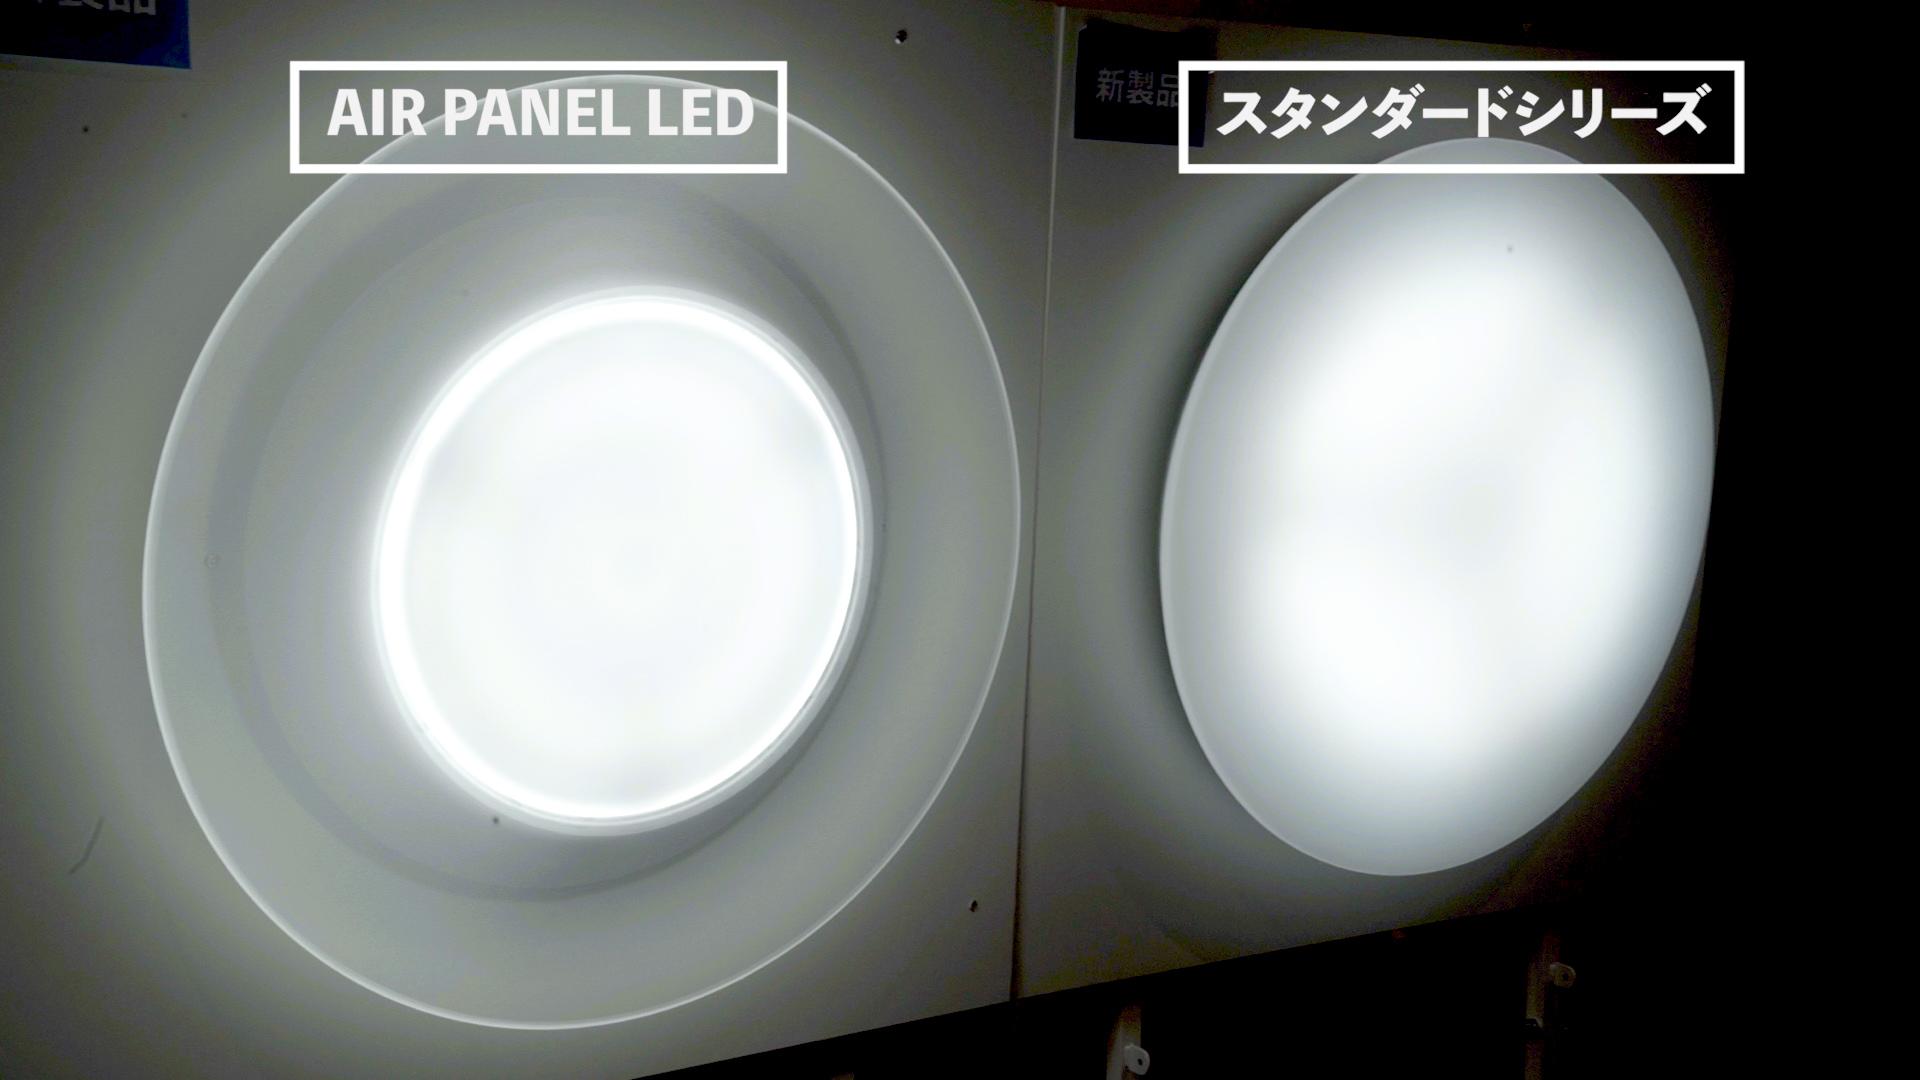 「目指すのは空間演出」新LEDシーリングライトパナソニックから発売